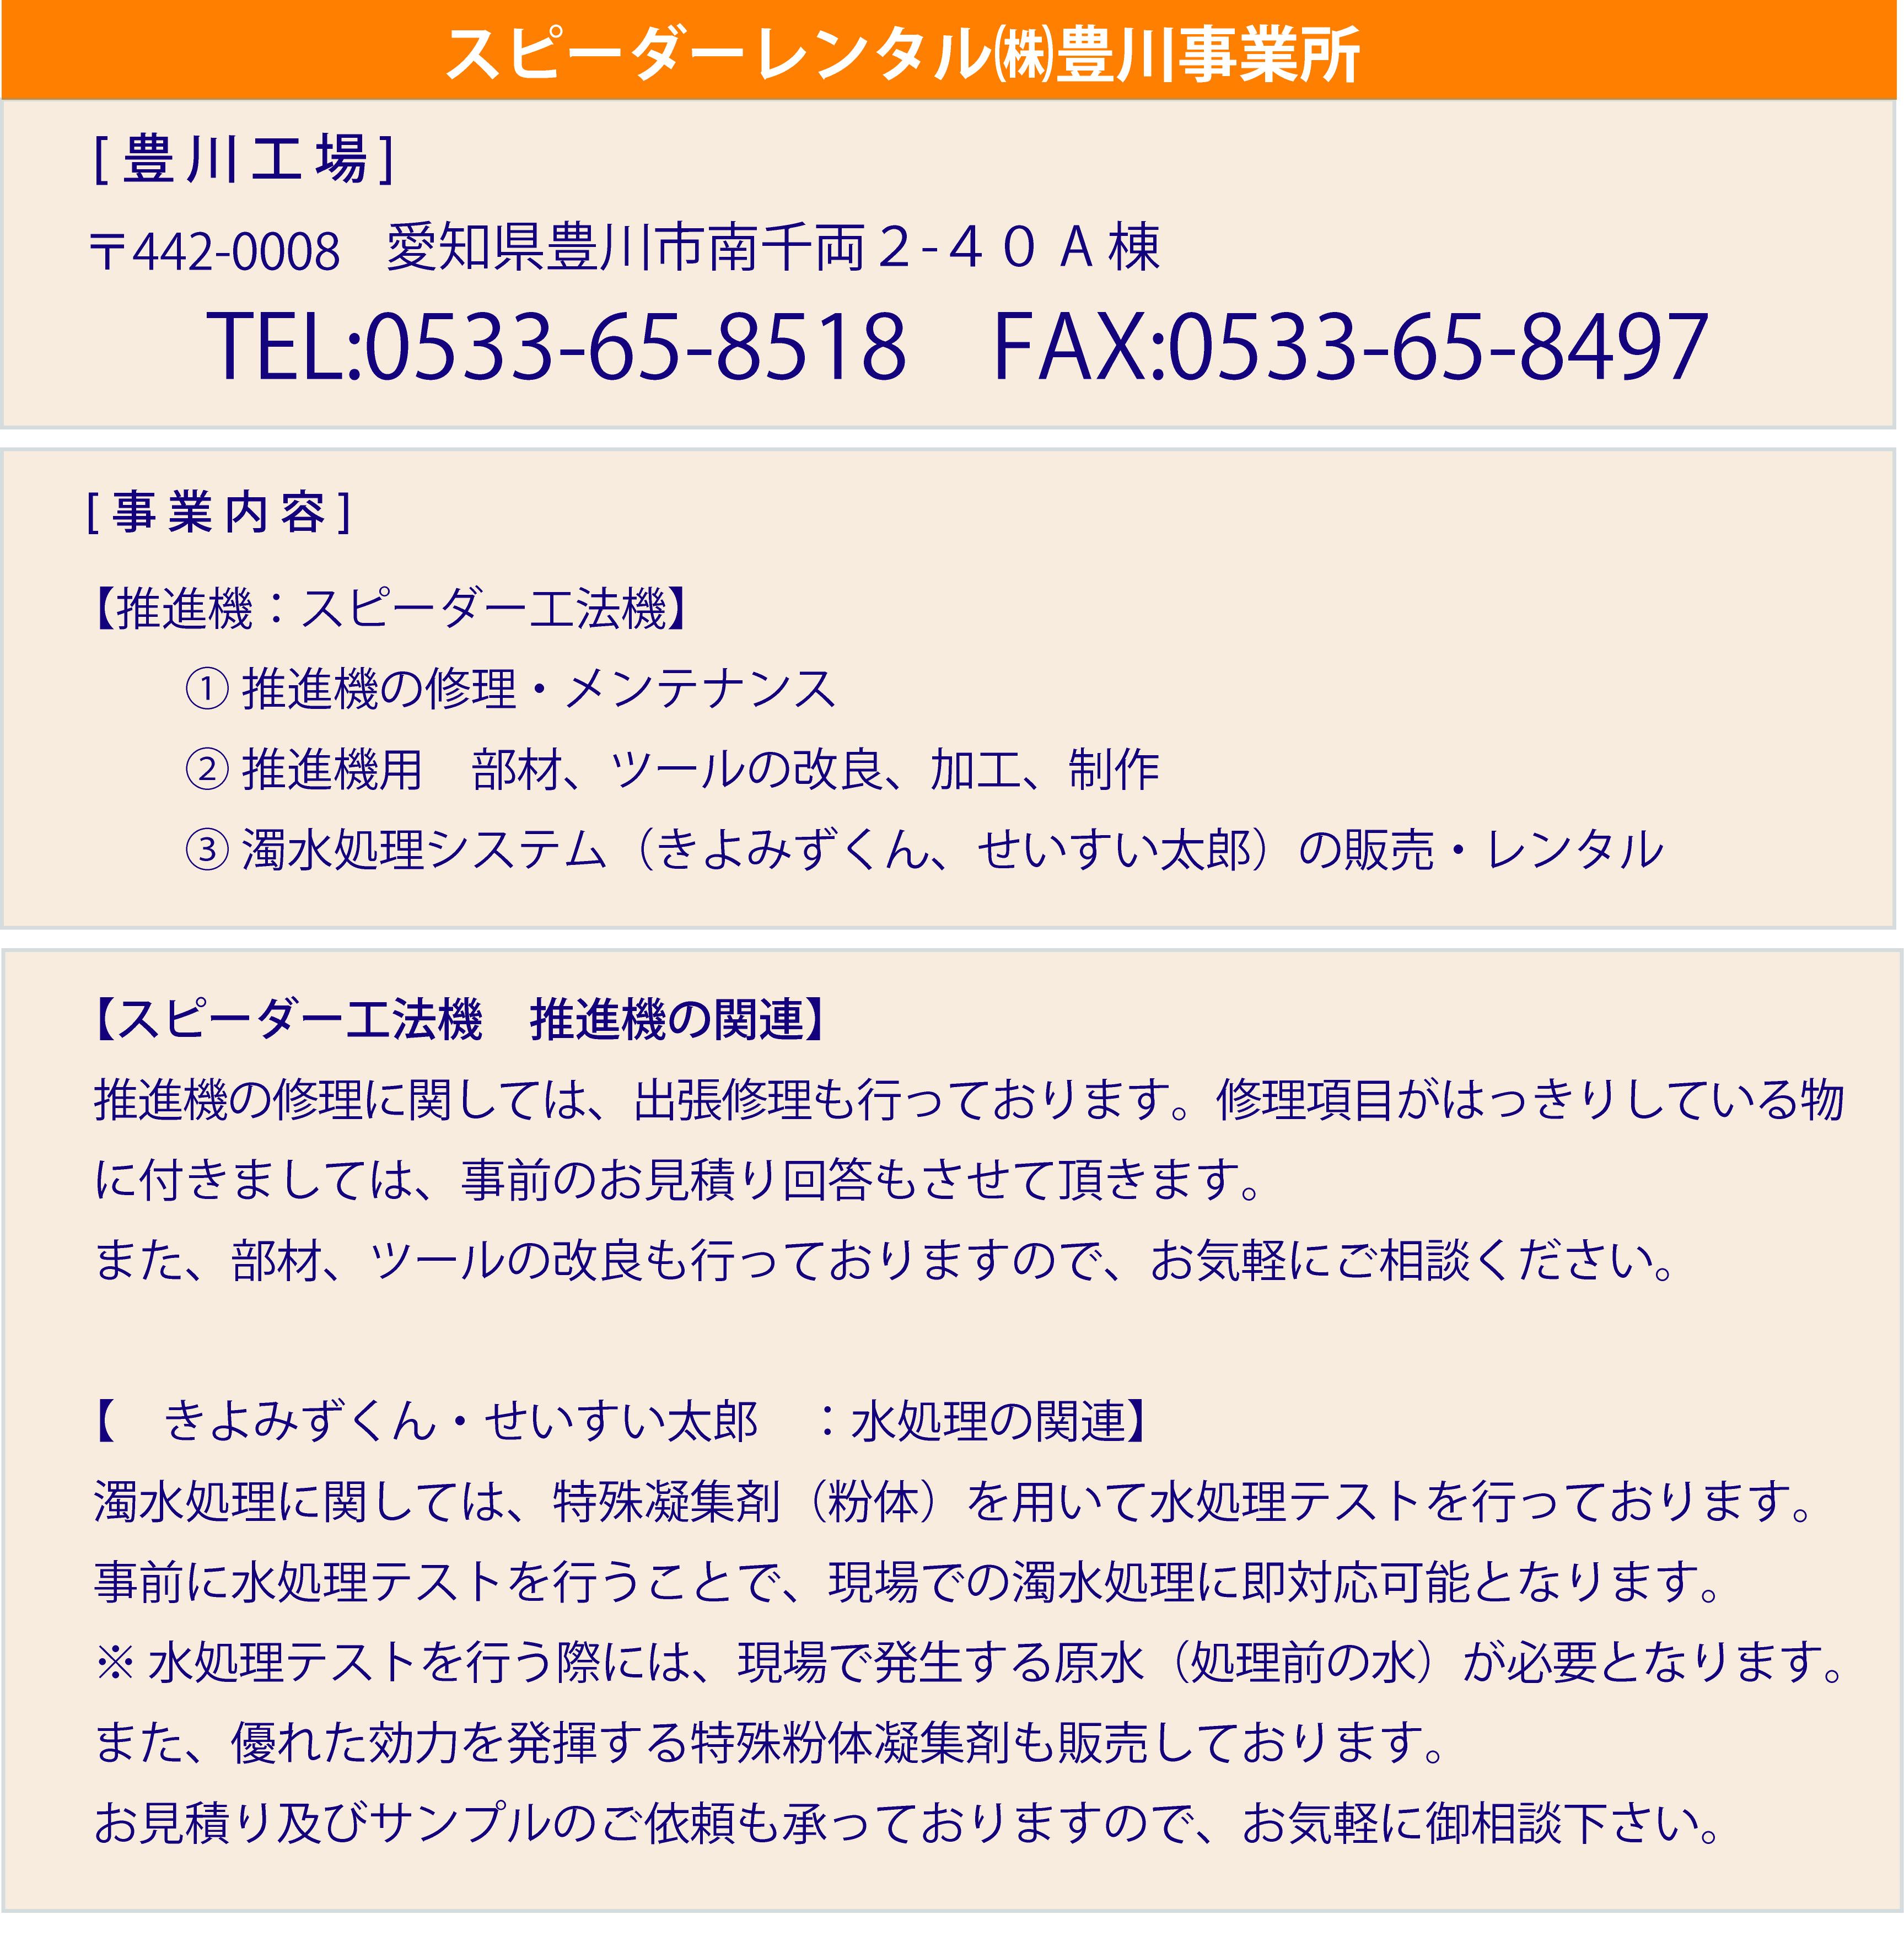 豊川-1.ai